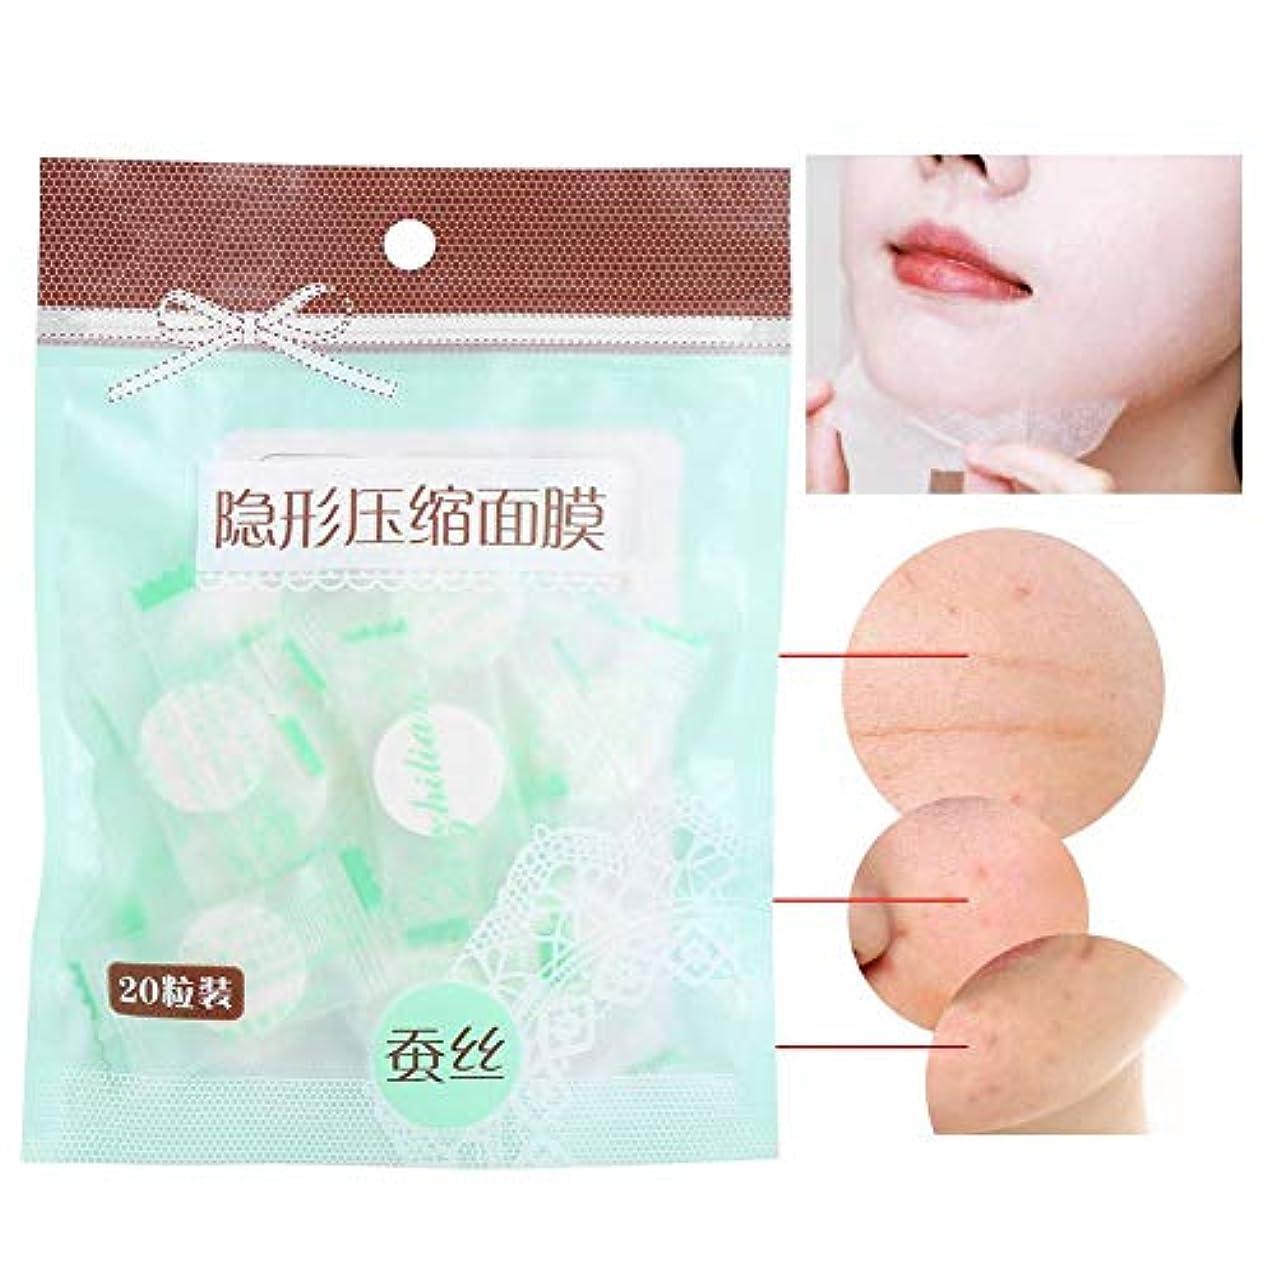 圧縮 使い捨て 20枚 シルク ナチュラル 保湿 フェイシャルマスクスキンケア DIY 美容メイクアップマスク